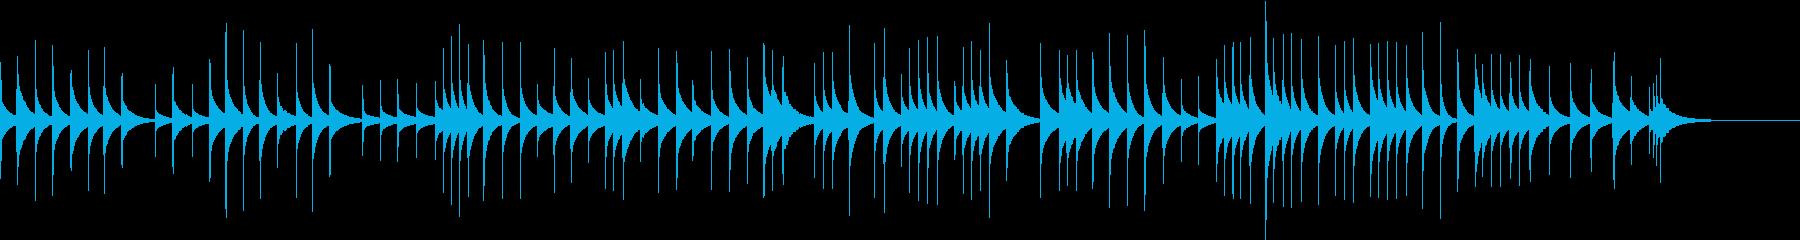 ゆったりとした可愛いオルゴールの再生済みの波形